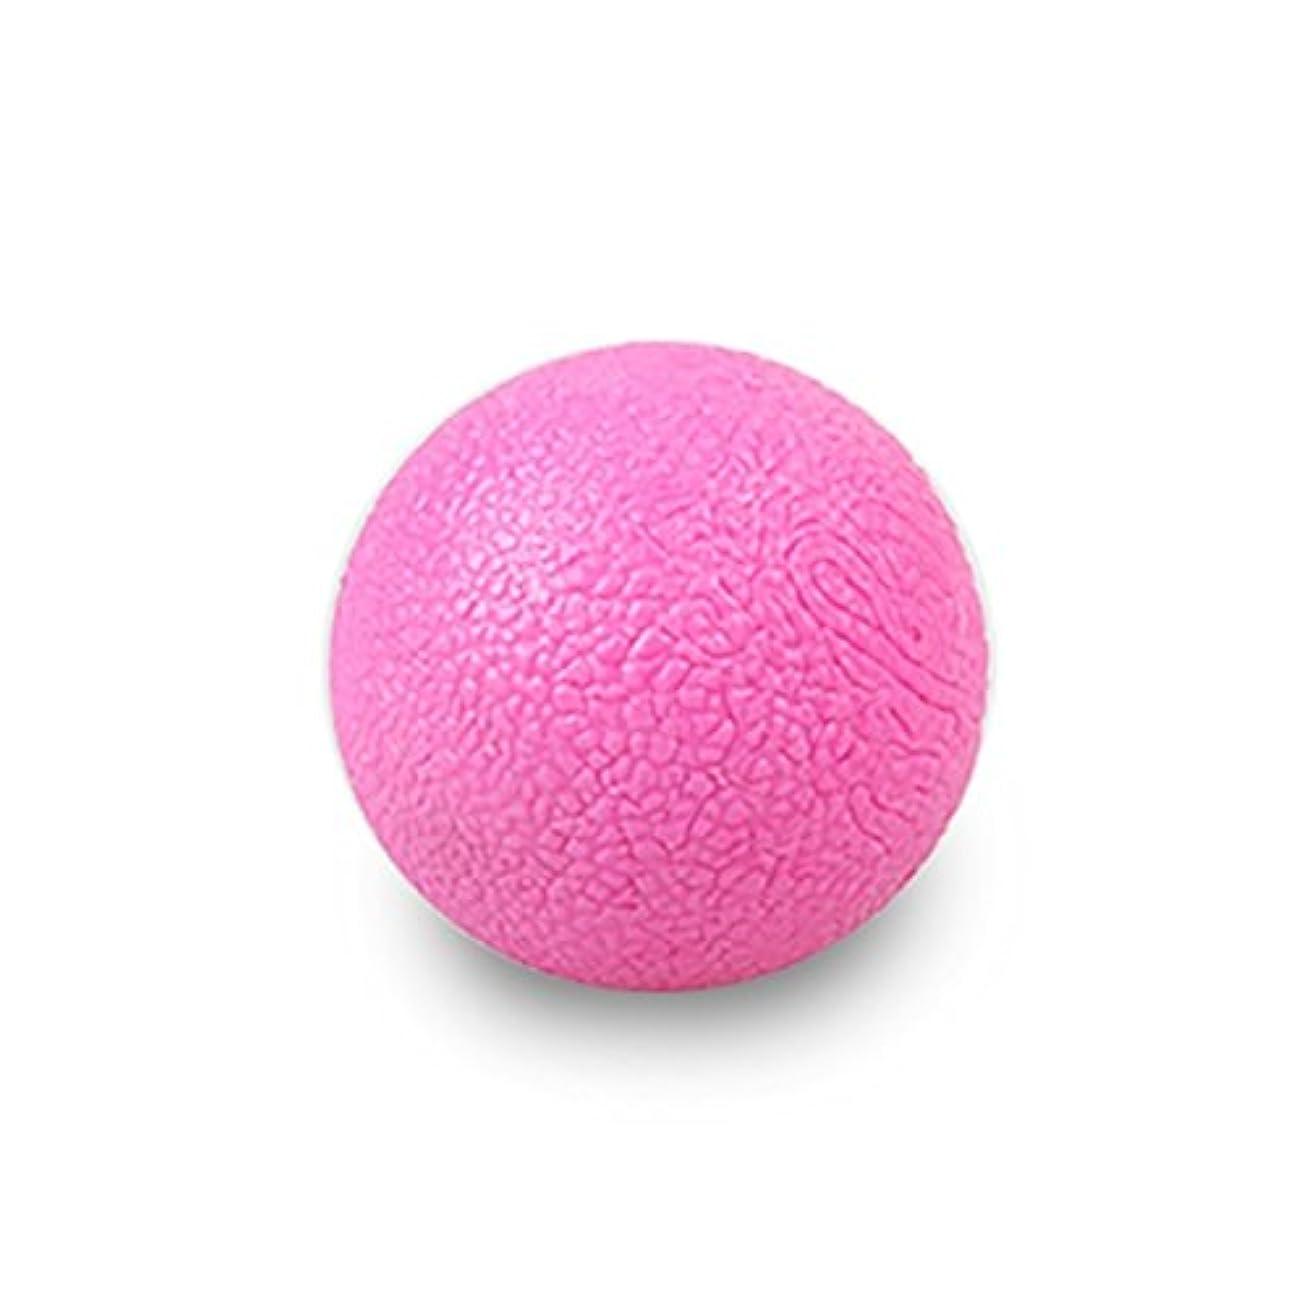 ペッカディロ暖かく肥料SHAPE&UP UPnShape ピーナッツ マッサージ ボール(1.8インチ)/ストレッチ、ヨガ、フィットネス リハビリテーション腰痛首 (ブルー)